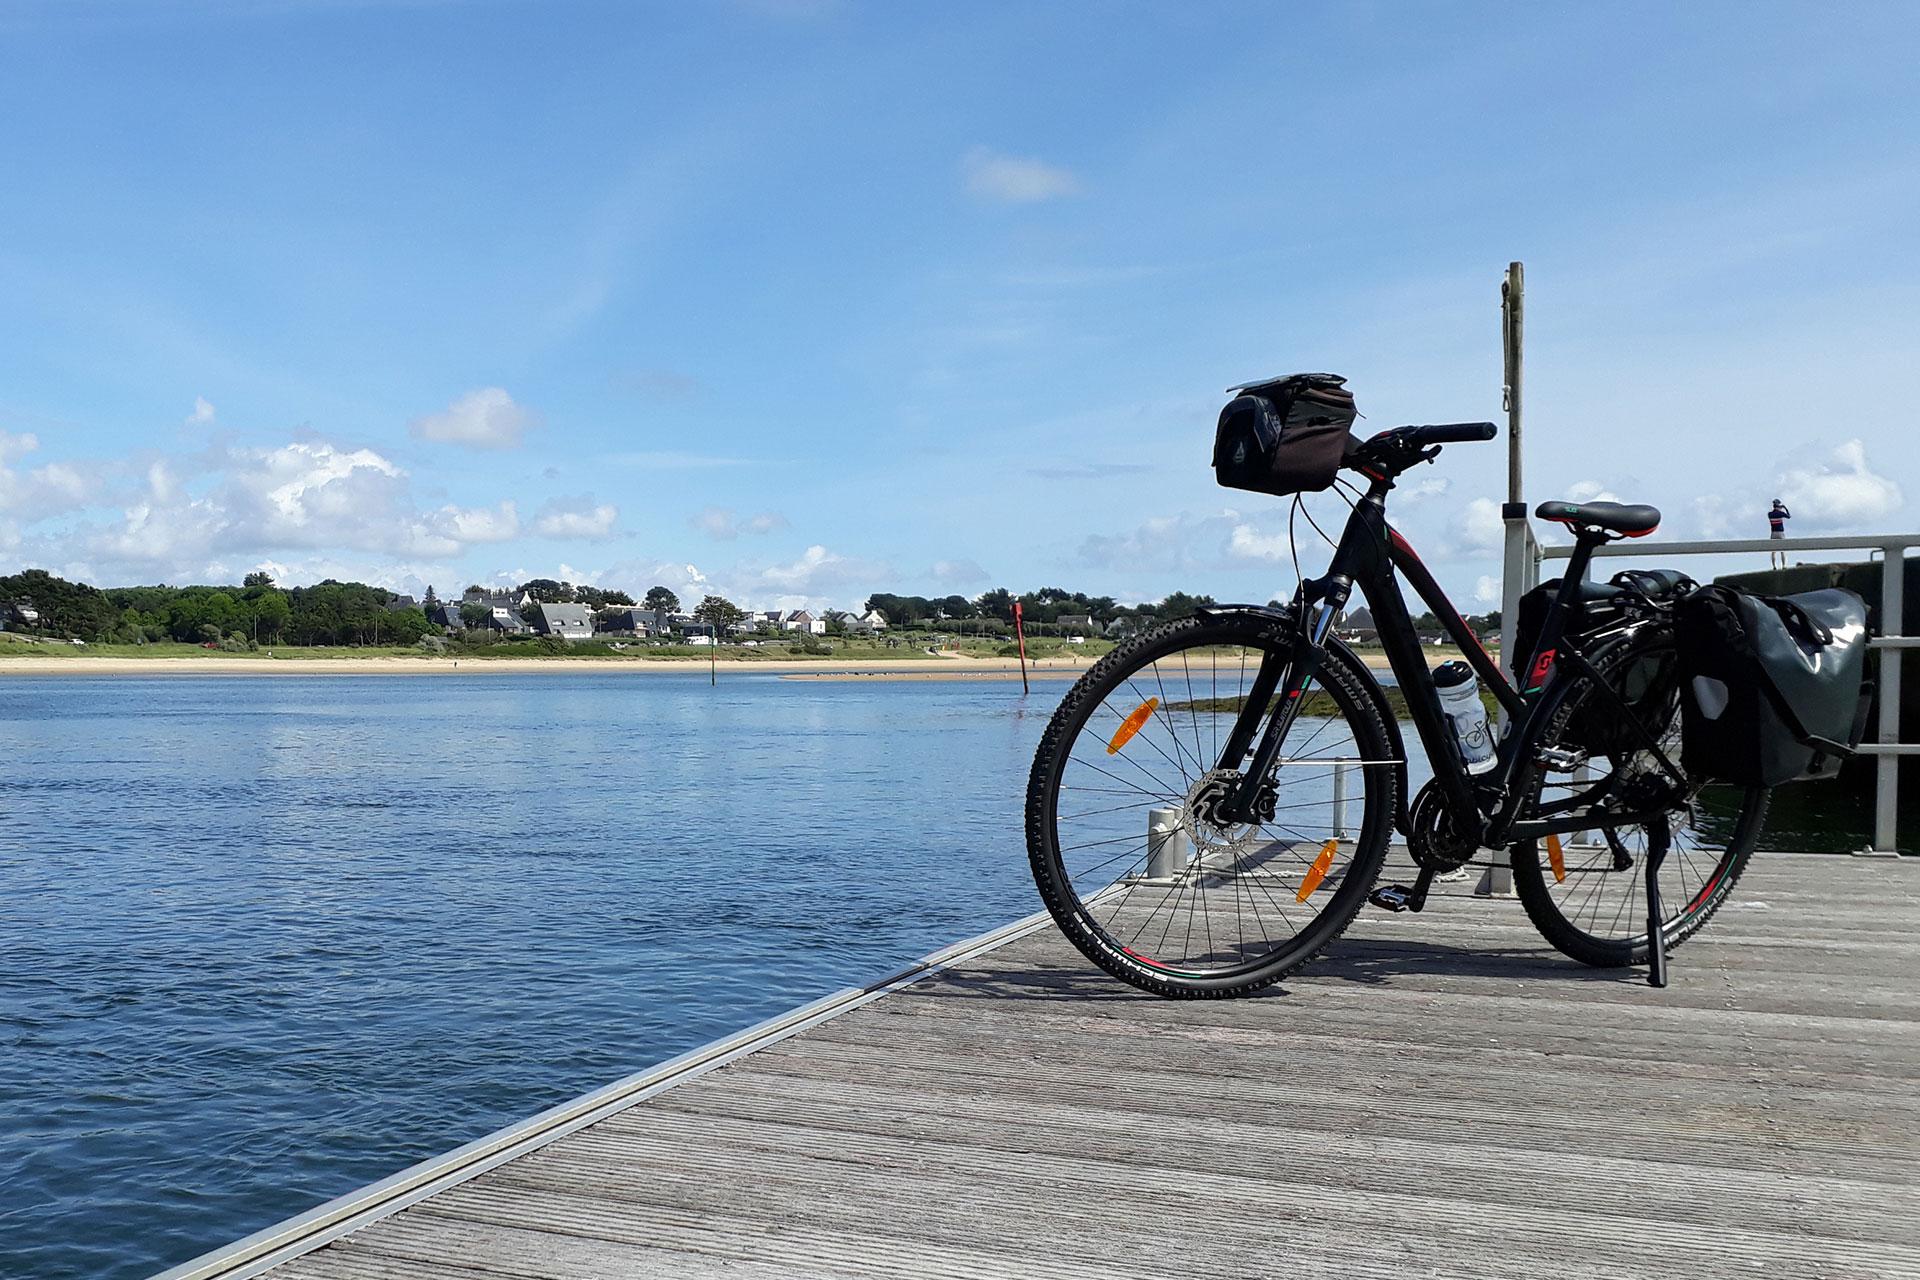 velo-bretagne-velo sur un ponton Abicyclette Voyages